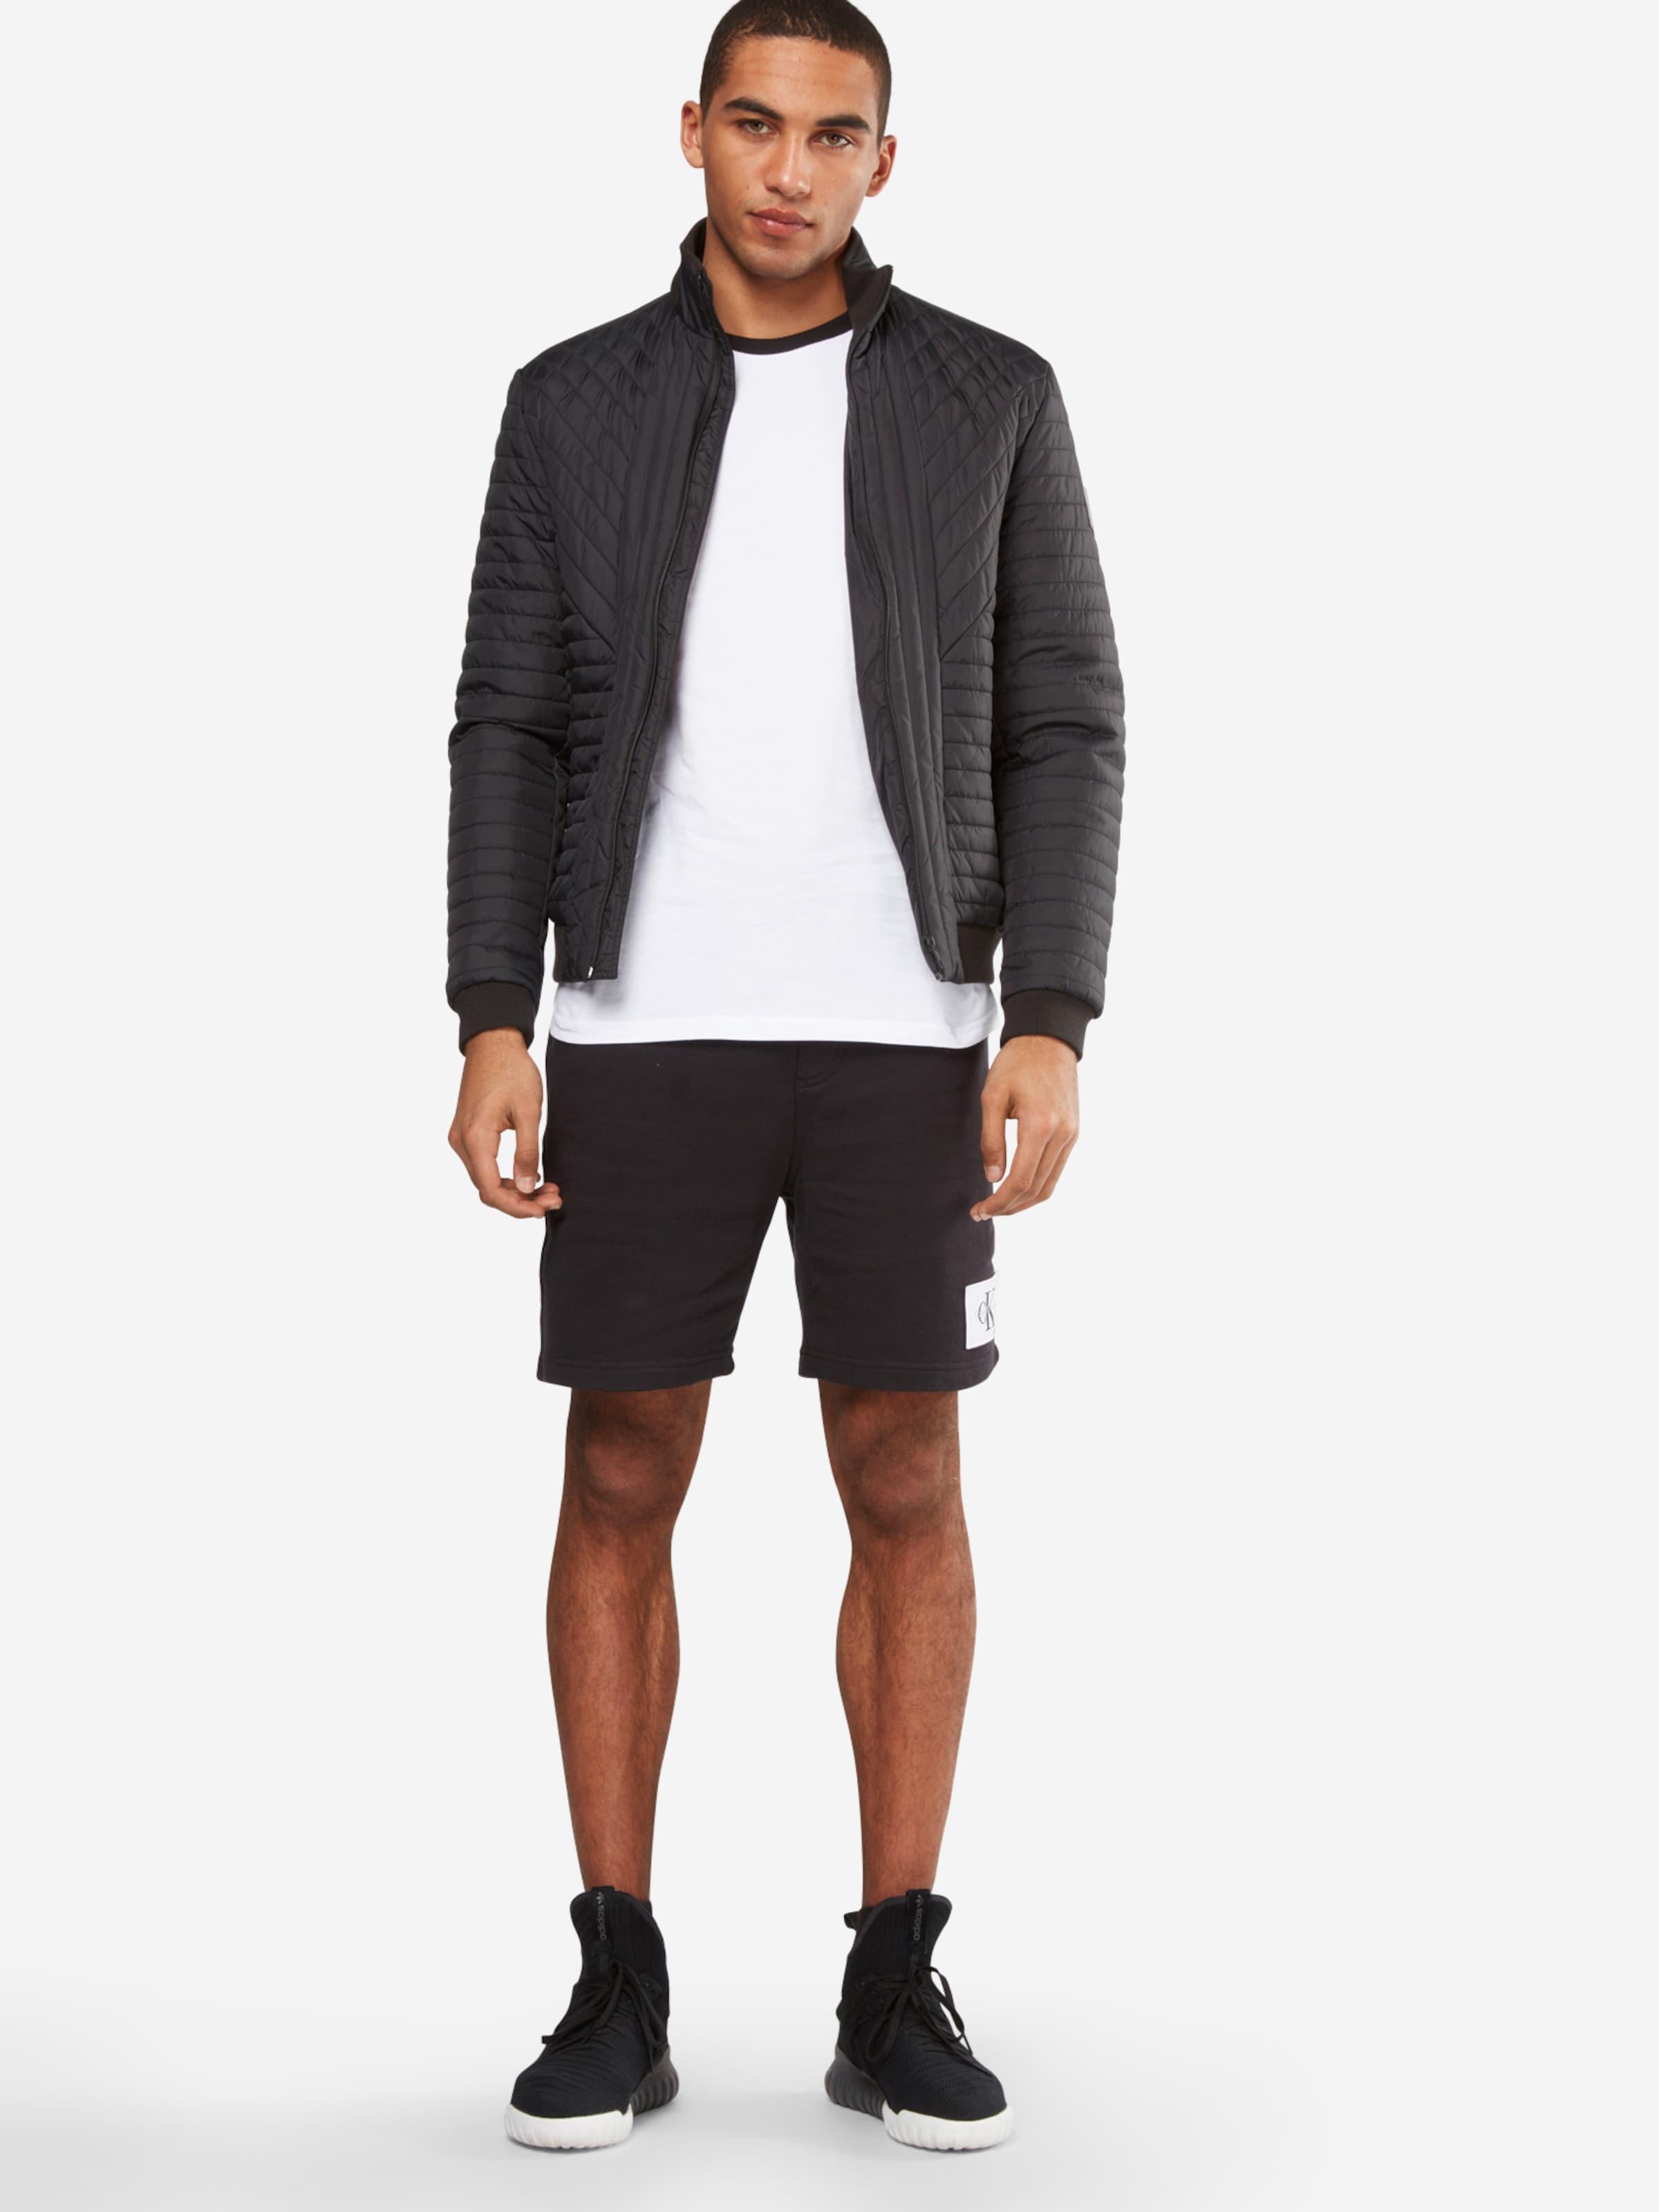 Calvin Klein Jeans Shorts 'HOMEROS 3 SLIM' Freiheit Genießen Billig Zu Verkaufen RcU0Q0wh6F